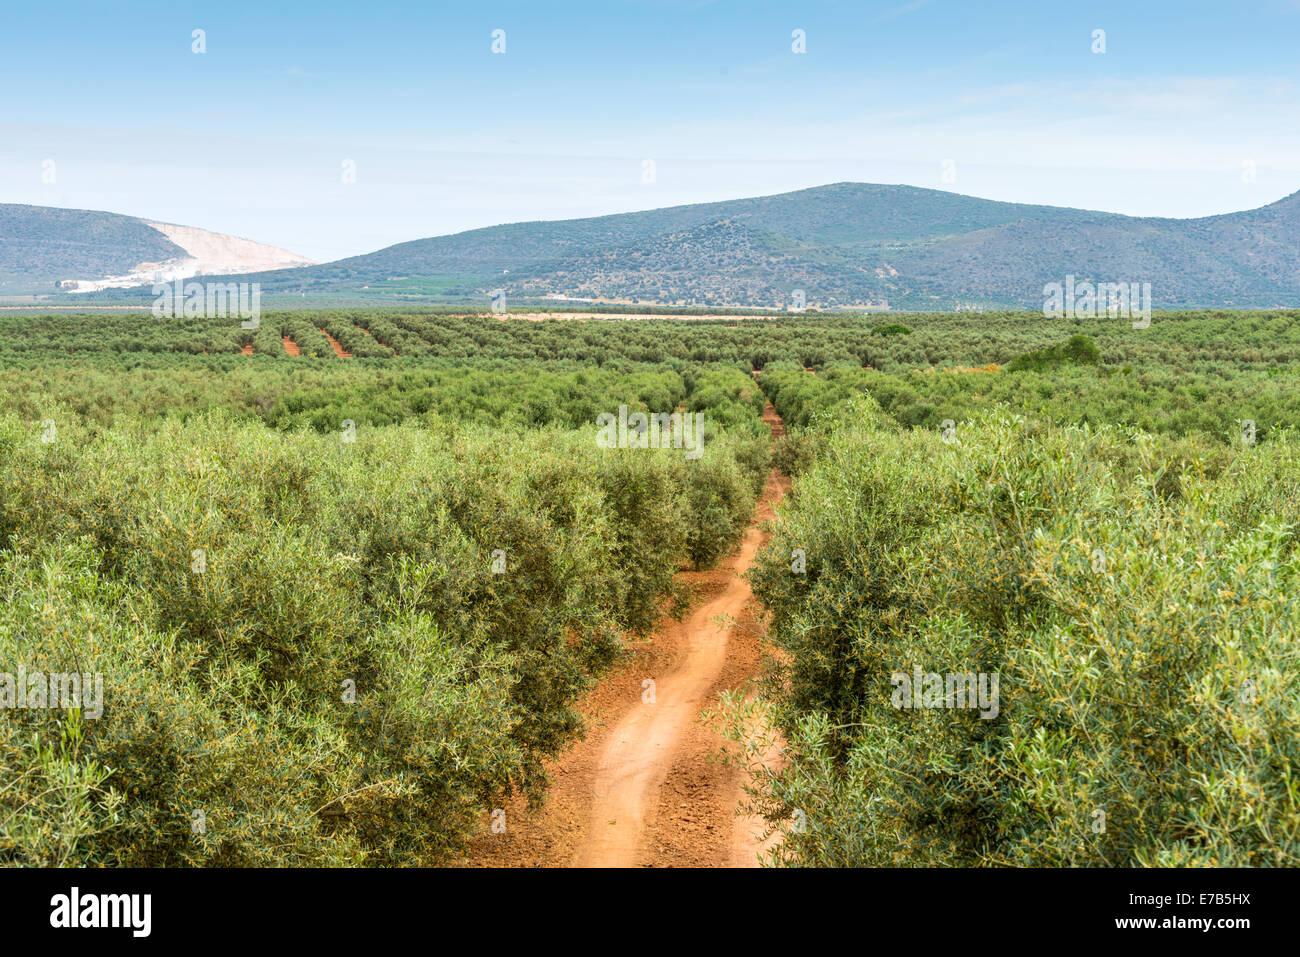 Panorama-Blick auf Olivenbäume und Früchte in Reihen gepflanzt. Spanien. Stockbild